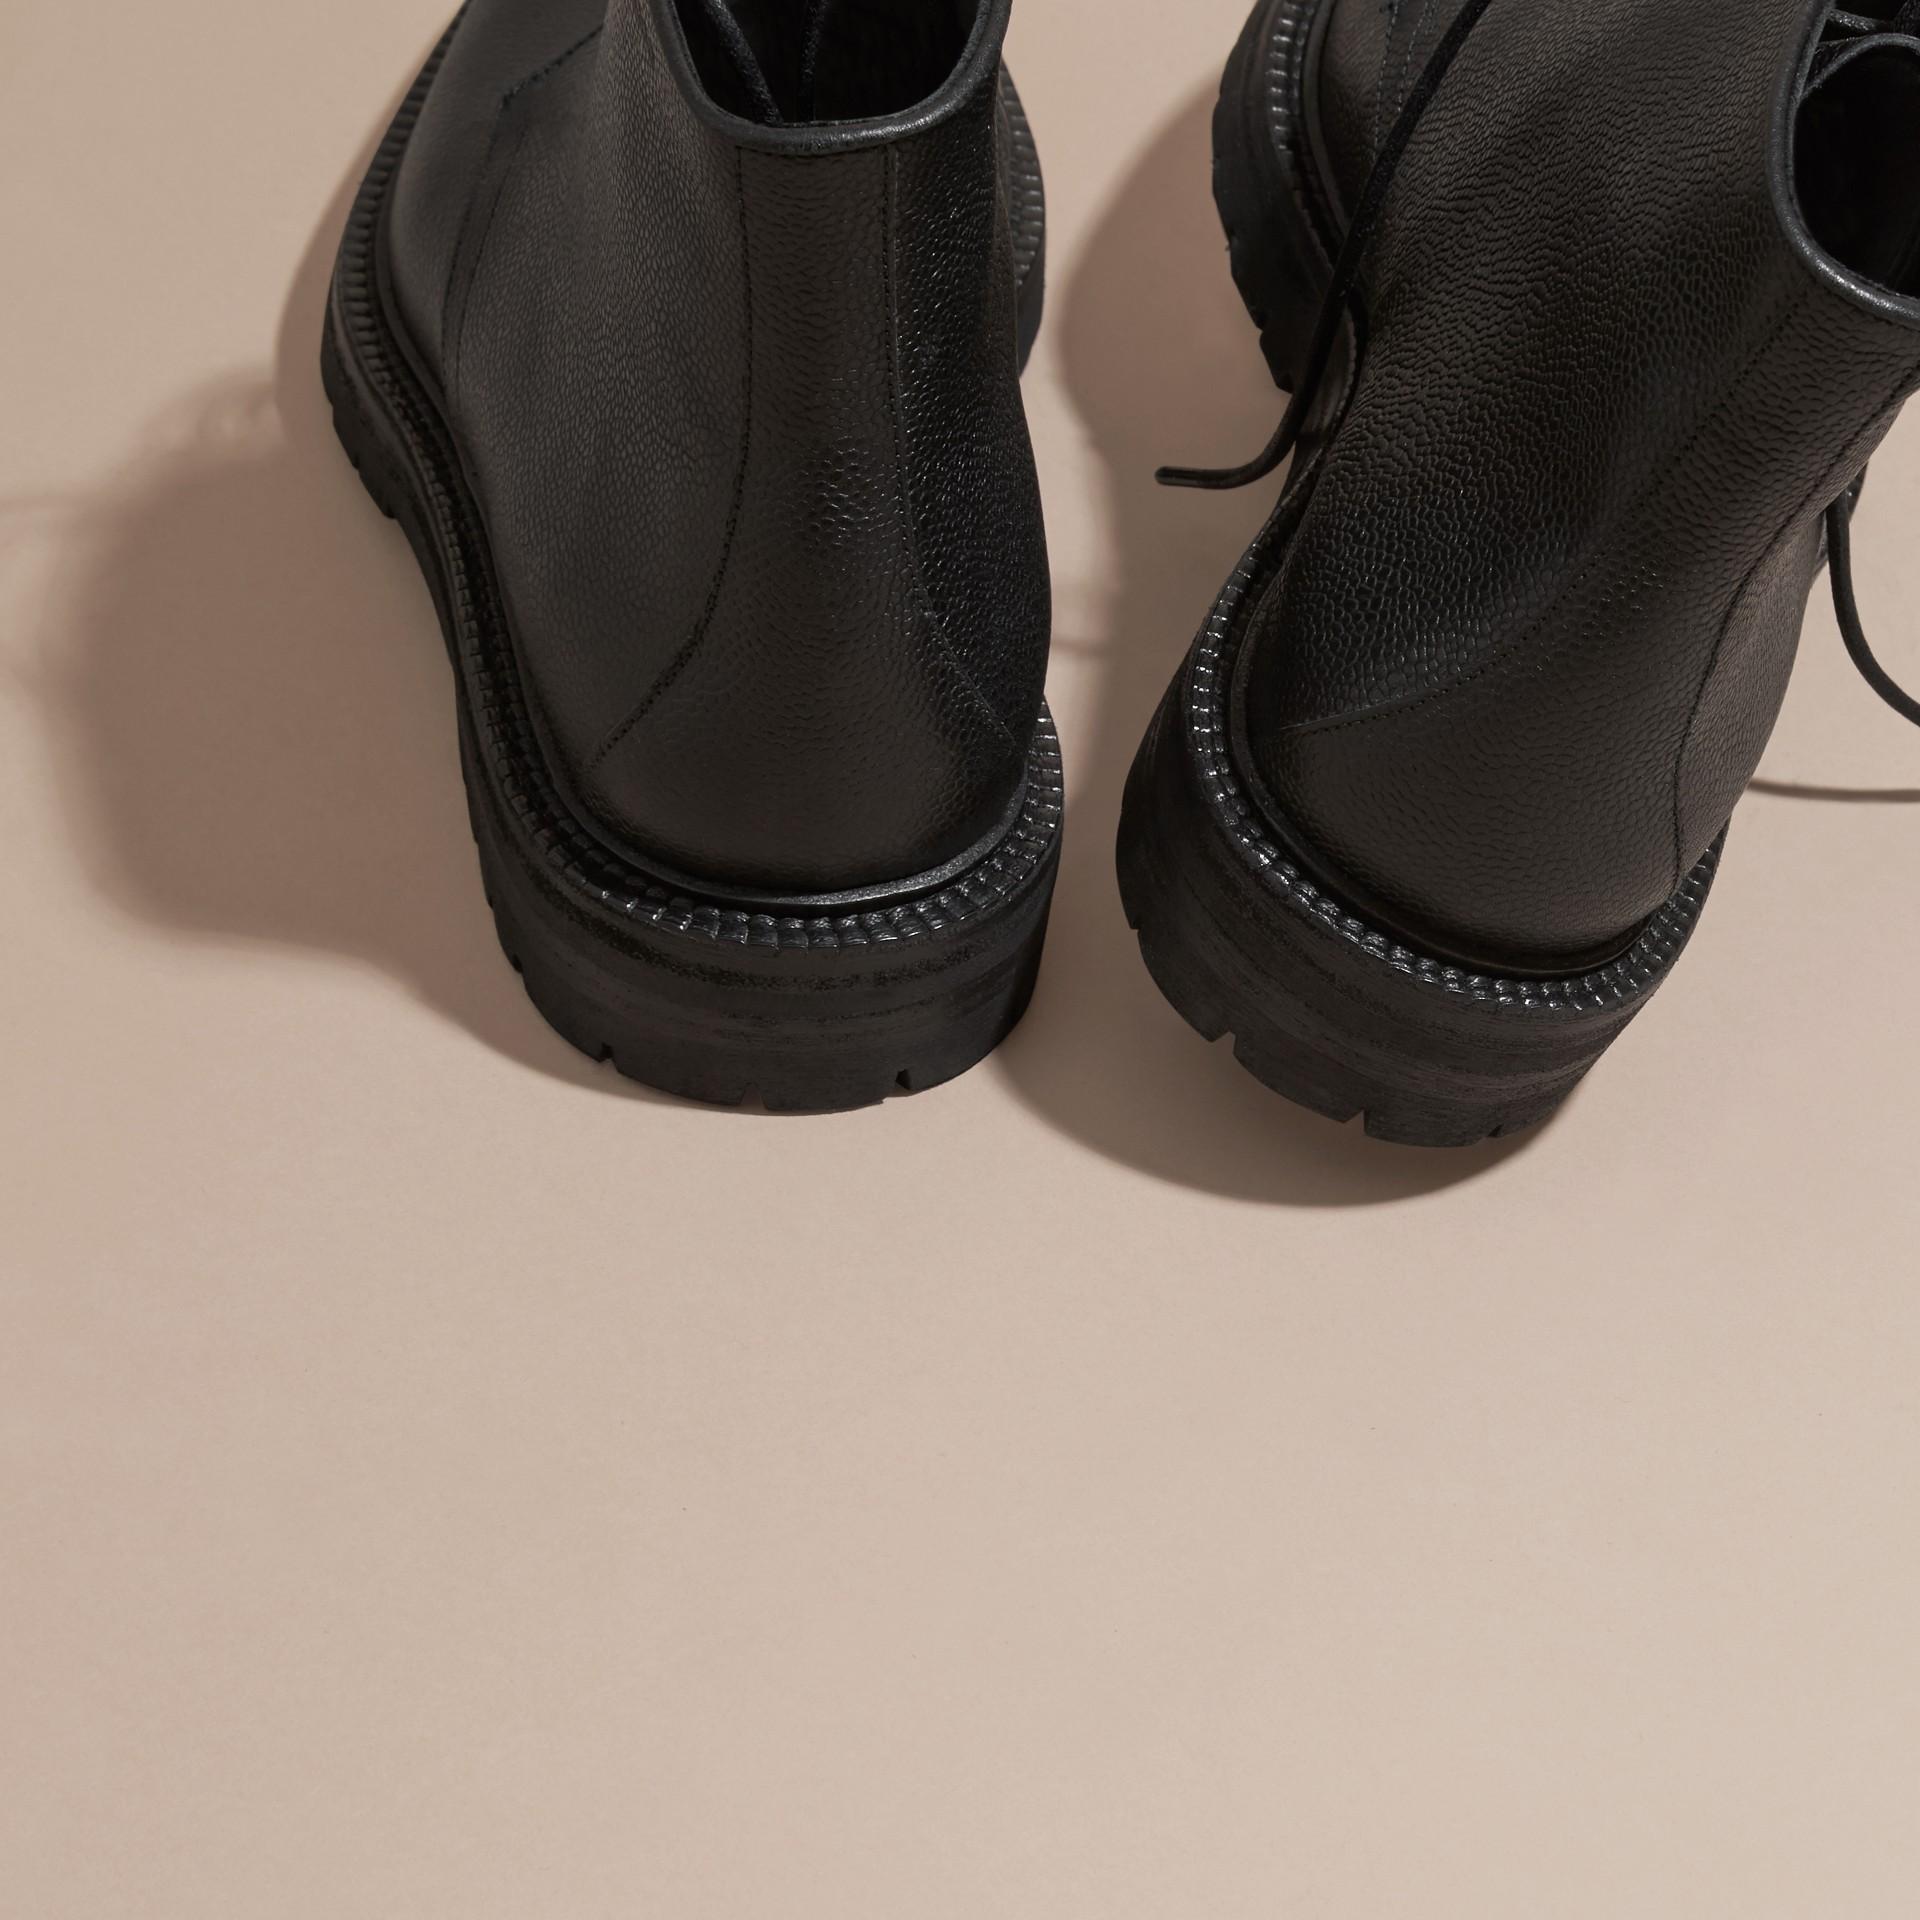 Preto Botas de couro granulado com cadarço Preto - galeria de imagens 4